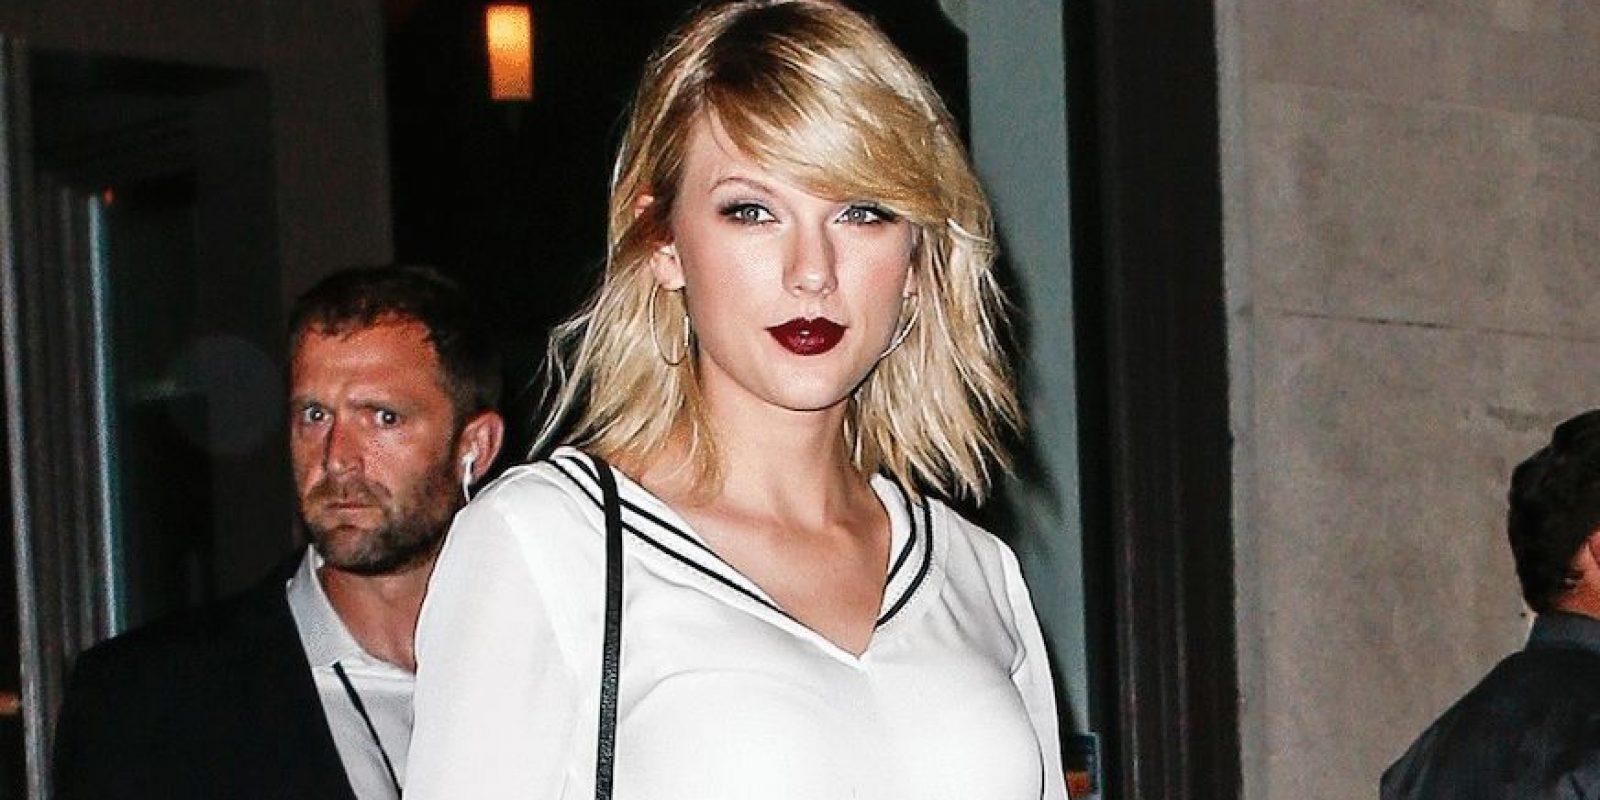 Filtran foto de Taylor Swift mientras DJ le toca parte íntima. Imagen Por: Grosby Group